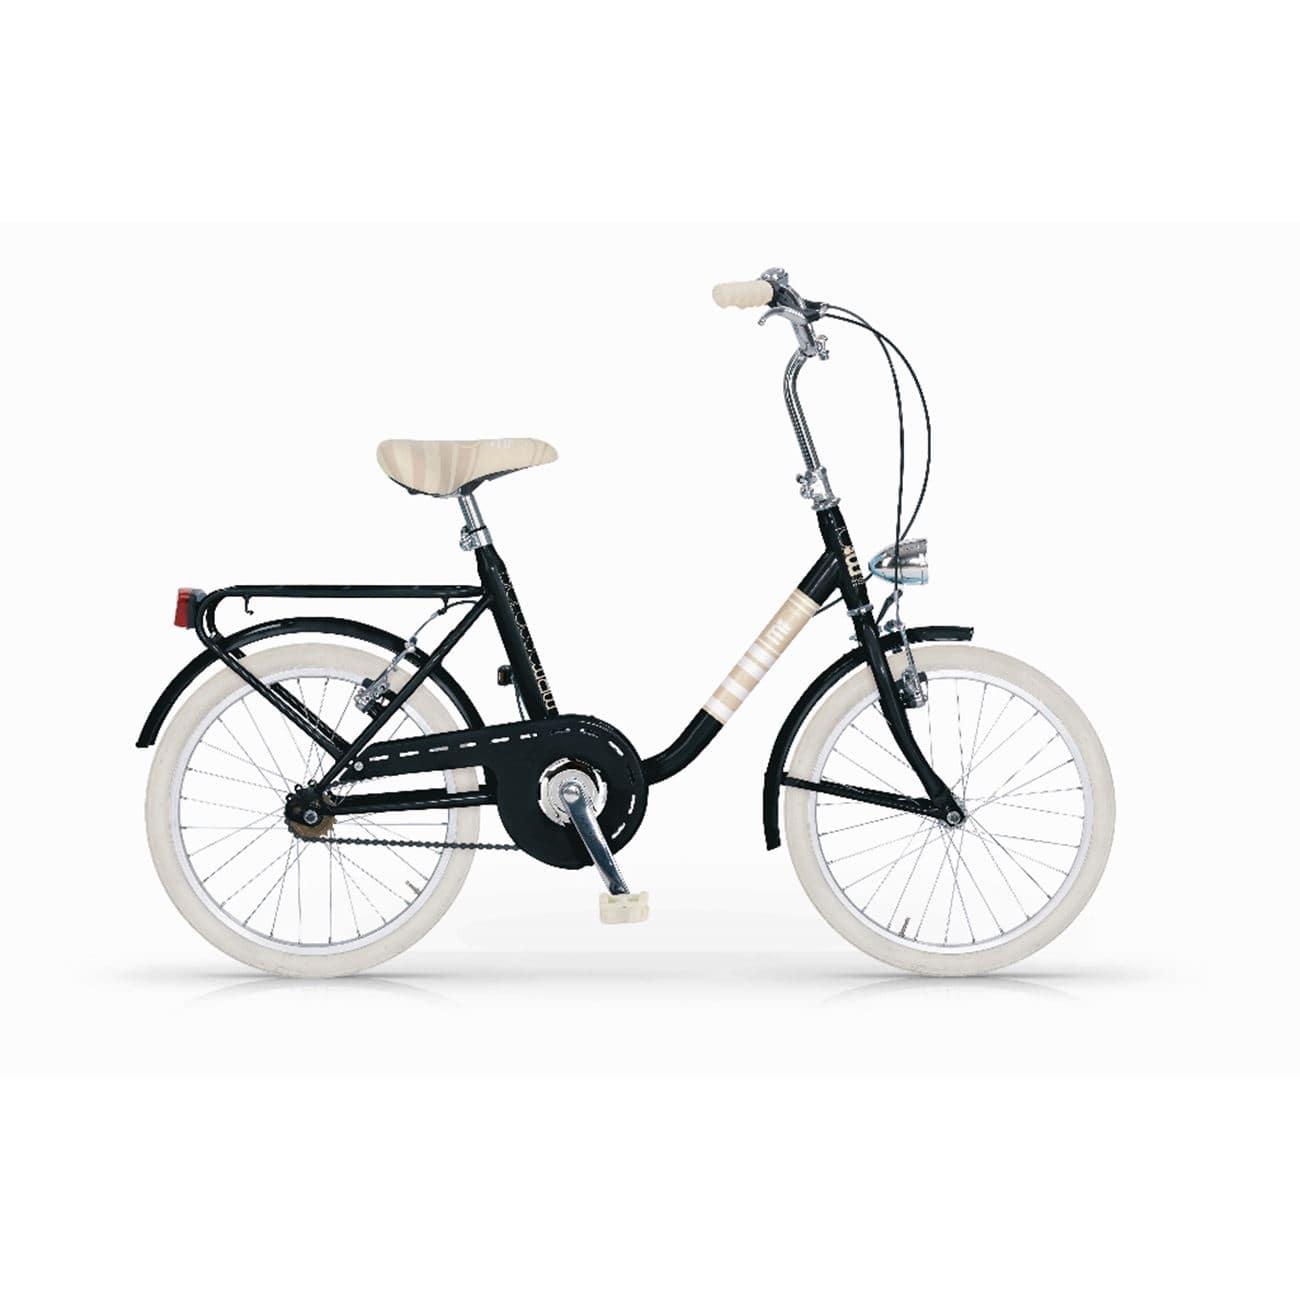 Ποδήλατο Mbm Mini 20¨ - Ποδήλατα